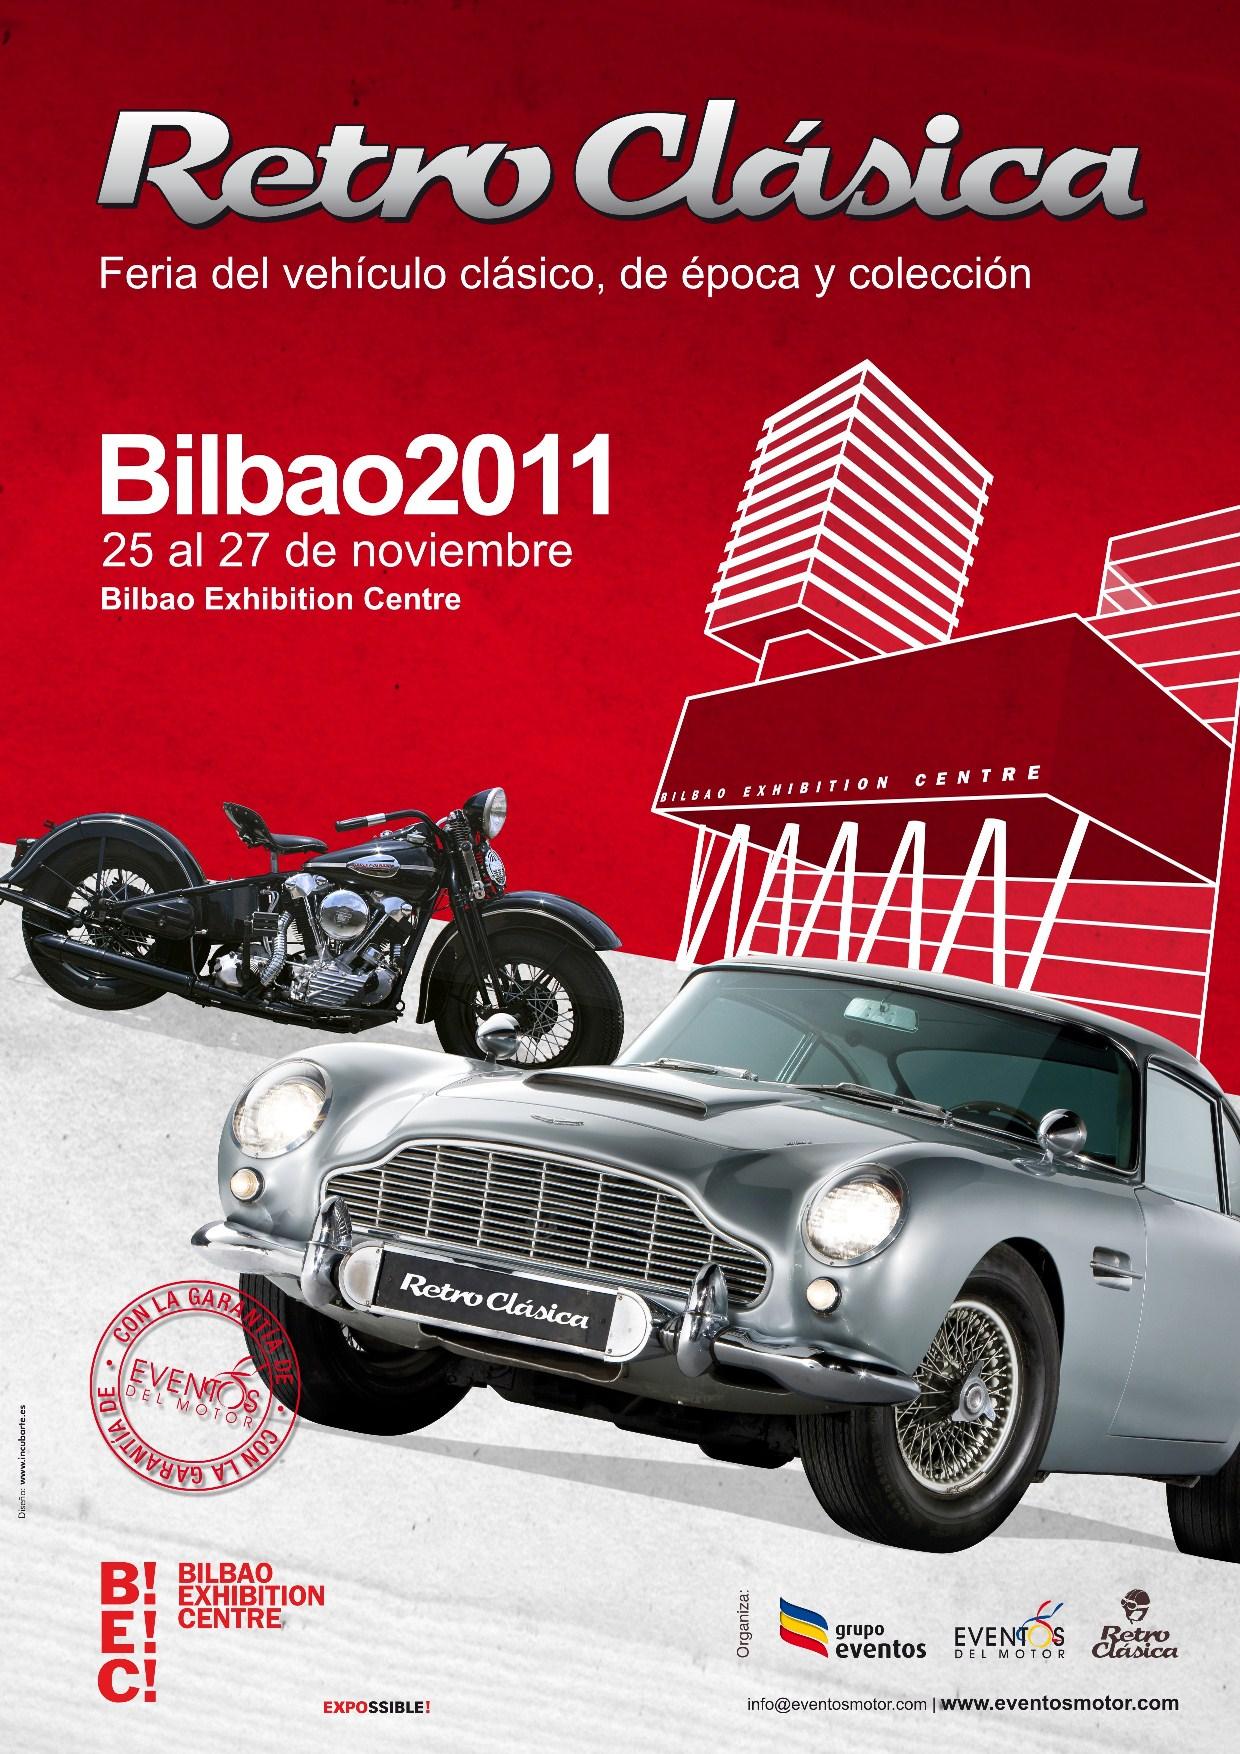 Retro Clásica Bilbao 2011